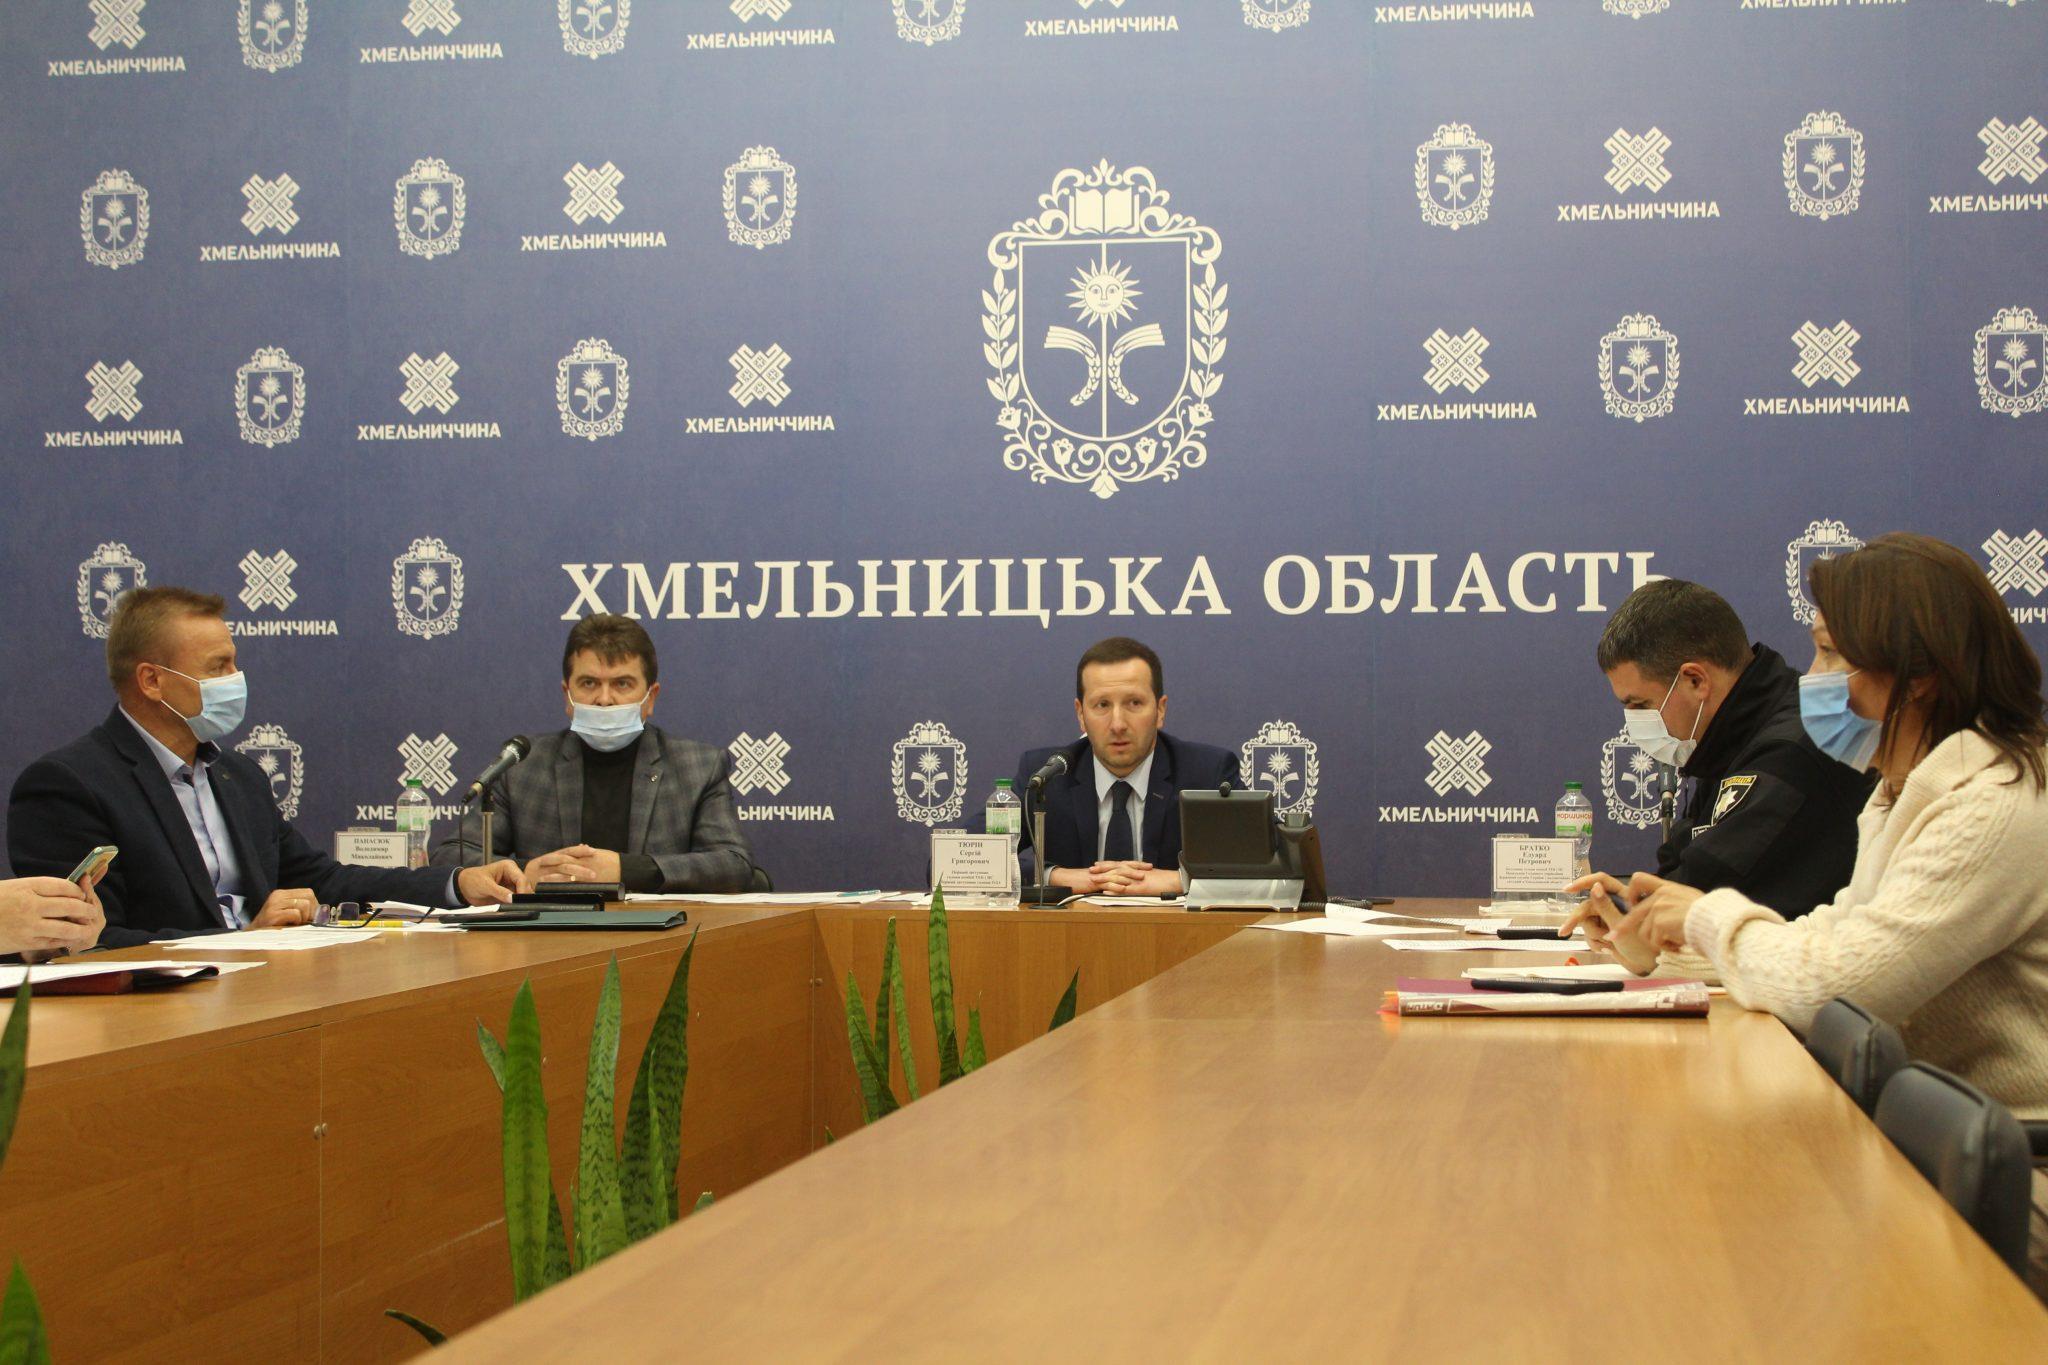 З 23 жовтня на Хмельниччині запроваджуються додаткові карантинні обмеження у зв'язку із підвищенням захворюваності на COVID-19